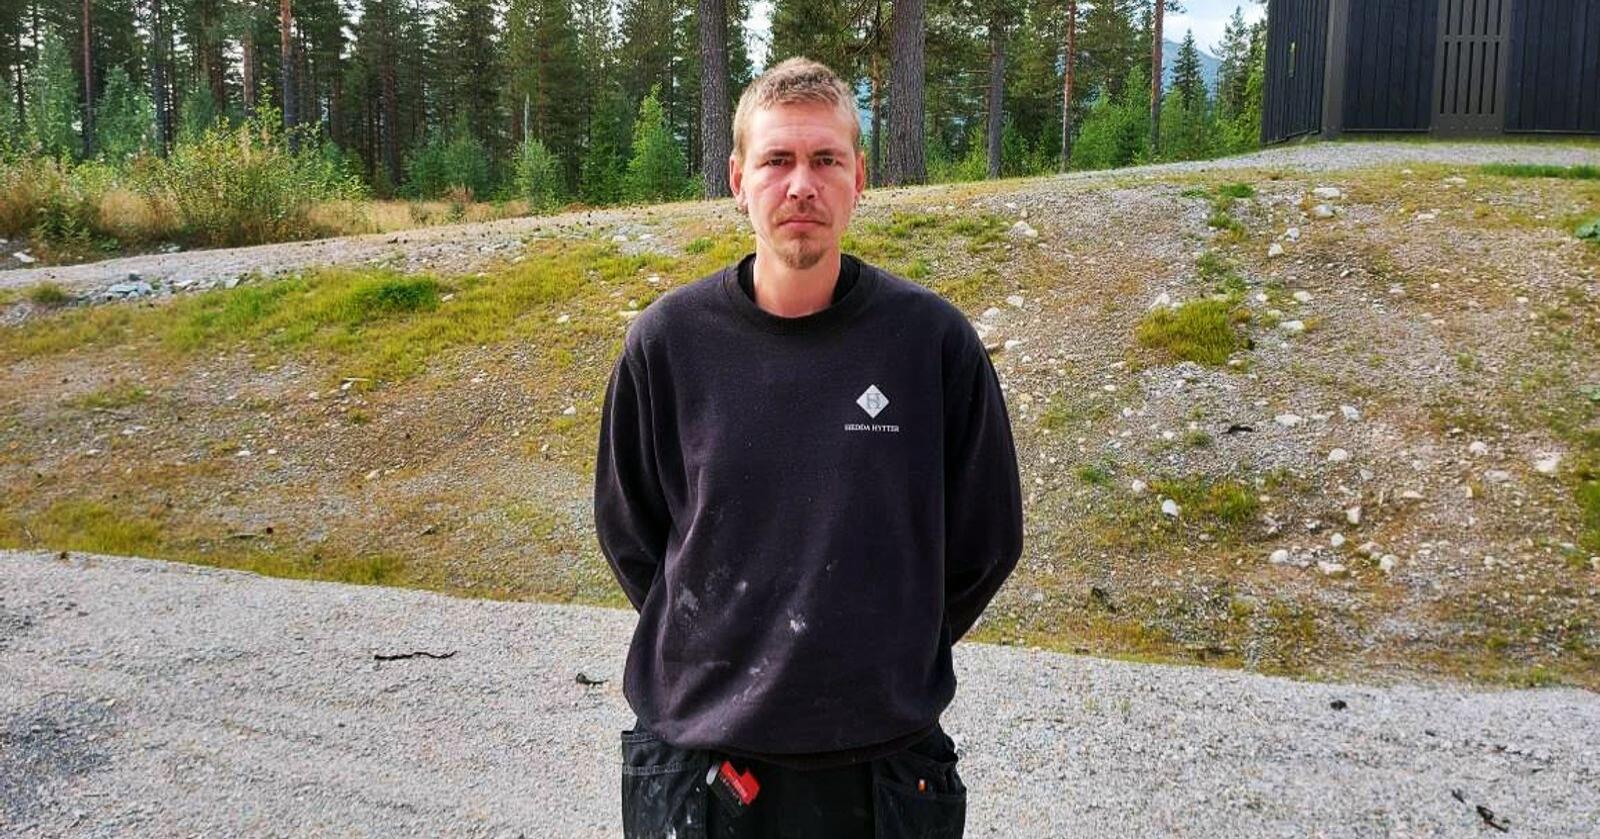 Lån: Snekker og tobarnsfar Ronny Bratteng (38) måtte ta opp lån for å betale strømutgiftene, som var på over to kroner kilowatten i august. Foto: Privat